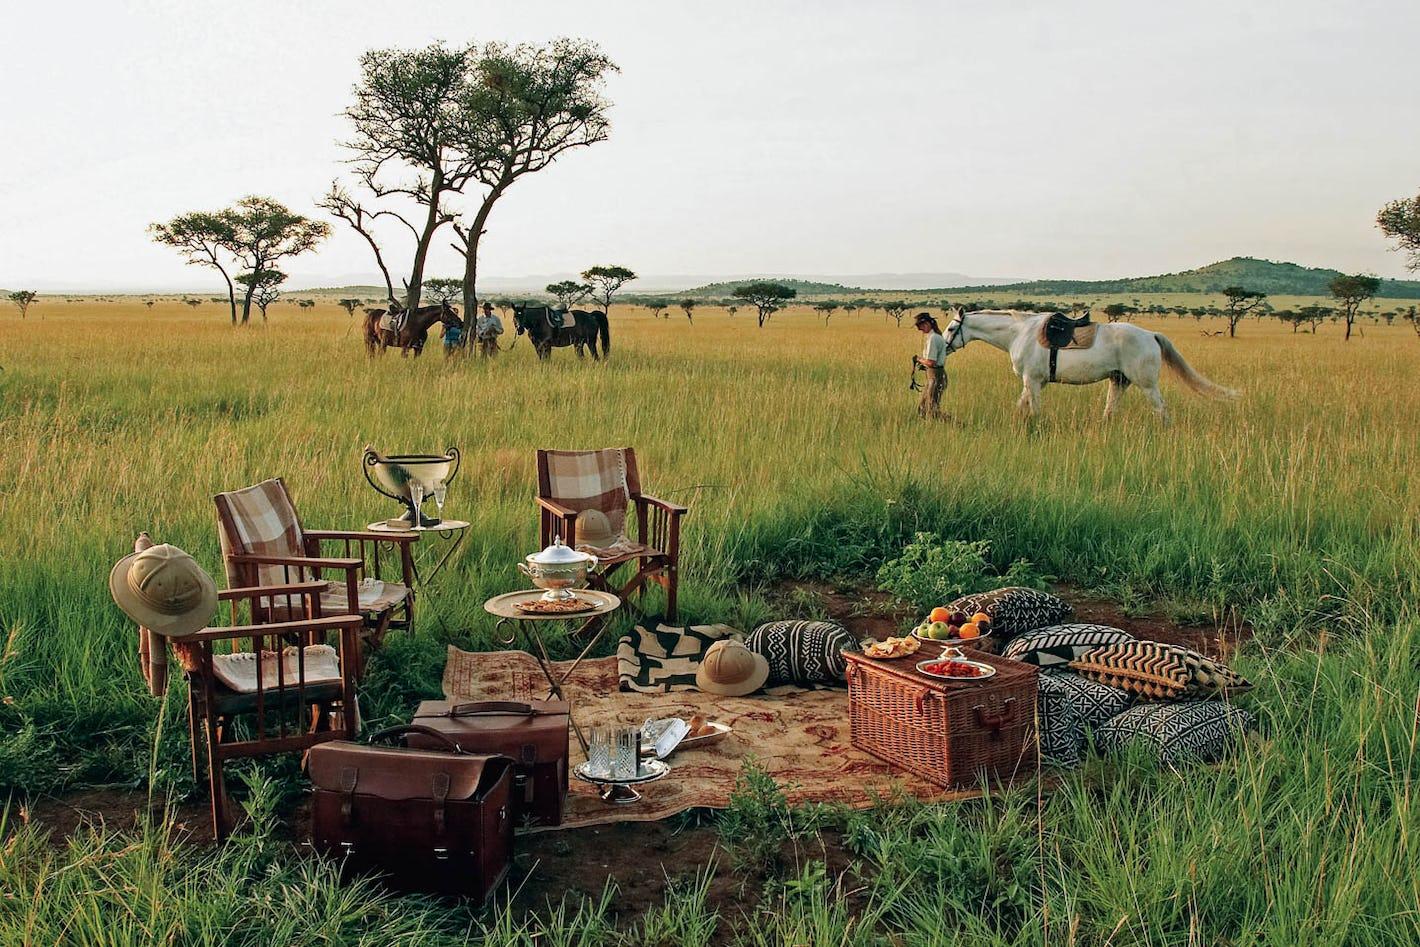 singita grumeti horseback safaris tanzania. Africa s Greatest Horseback Safaris   Timbuktu Travel